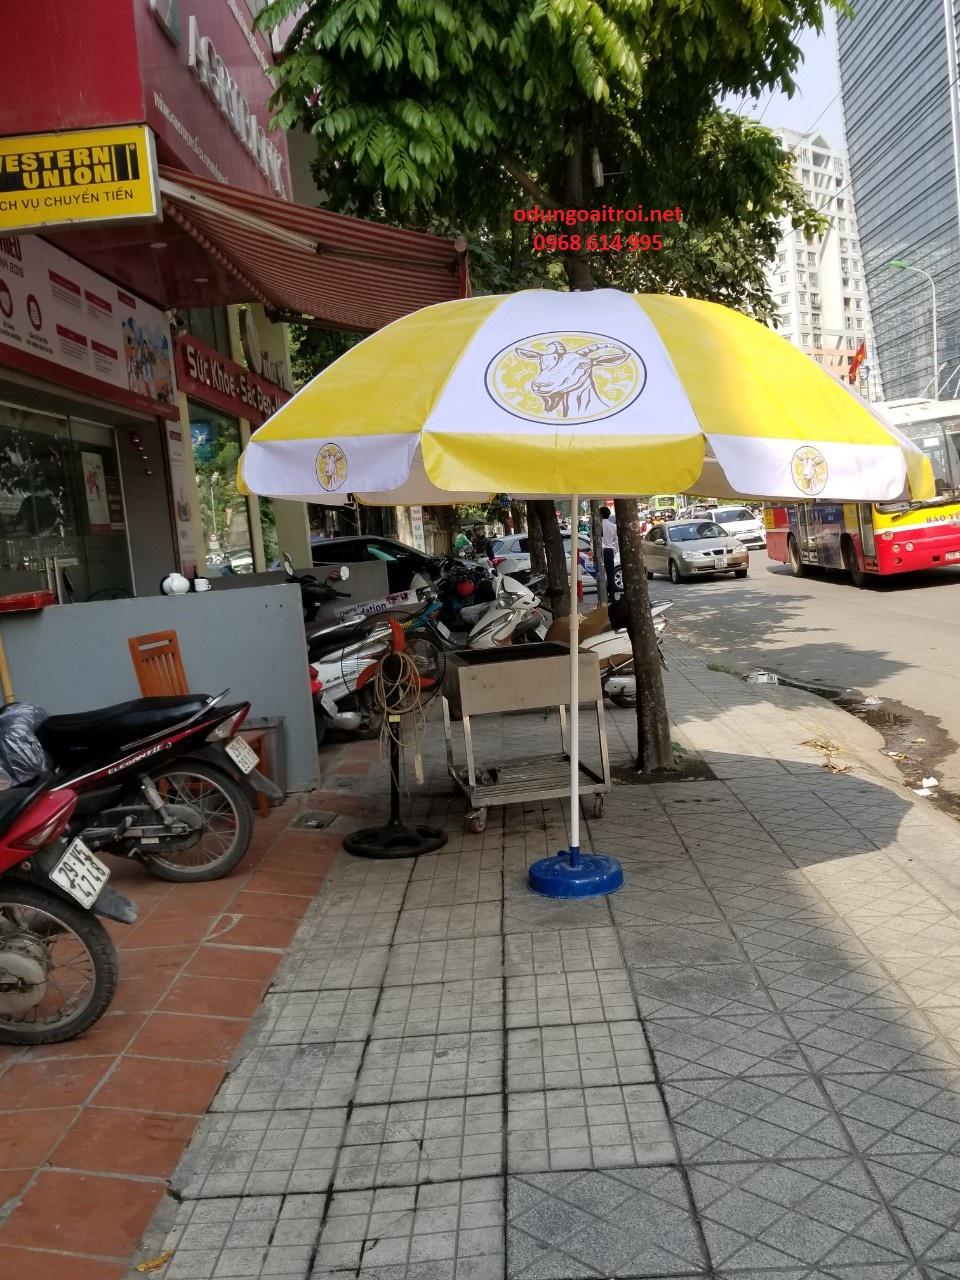 ô dù quảng cáo 3m giá rẻ